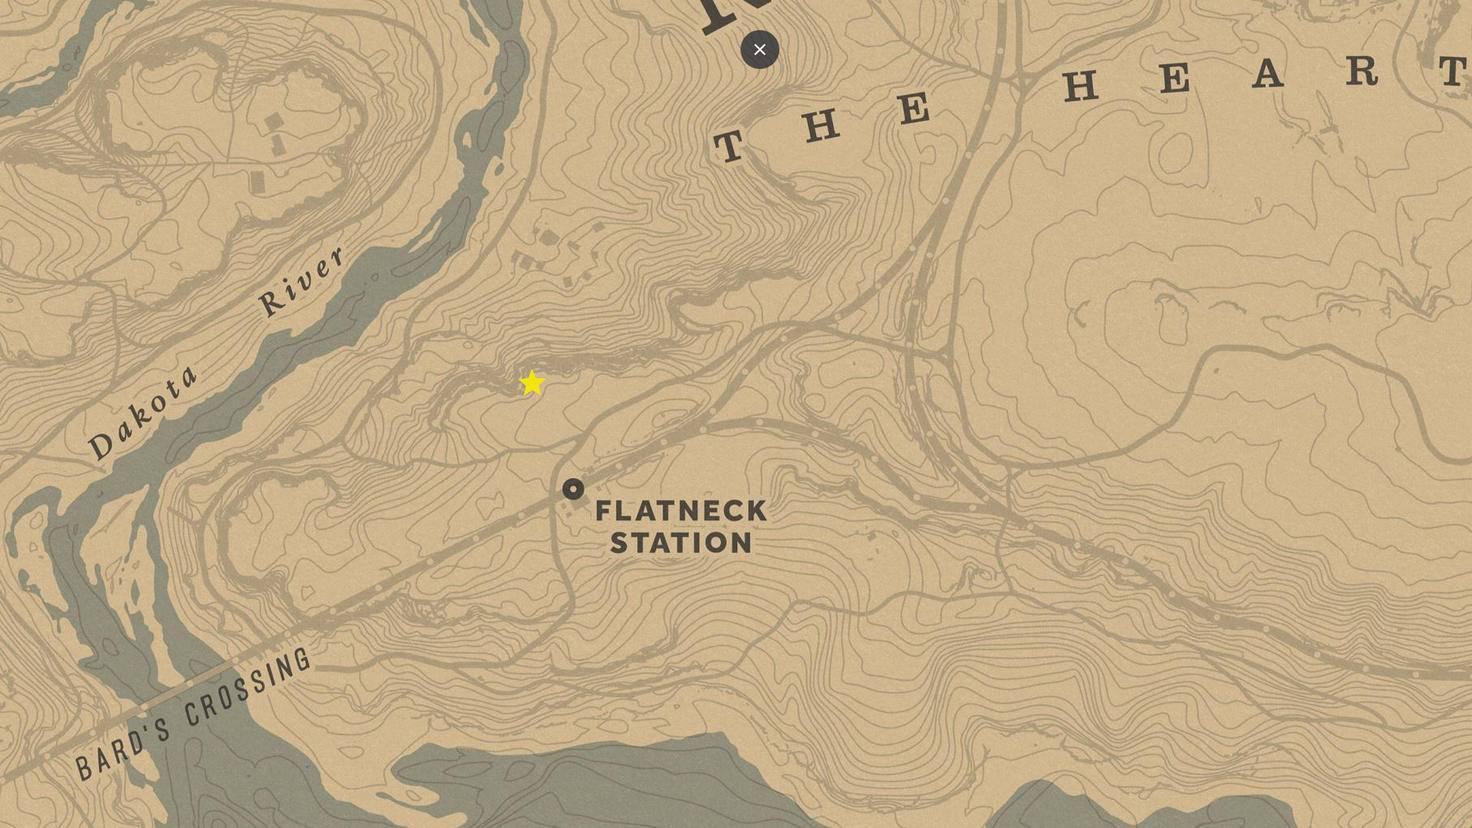 Wer sich das Trauerspiel ansehen möchte, schaut morgens oder nachmittag einmal nördlich der Flatneck Station im Süden von New Hanover vorbei.